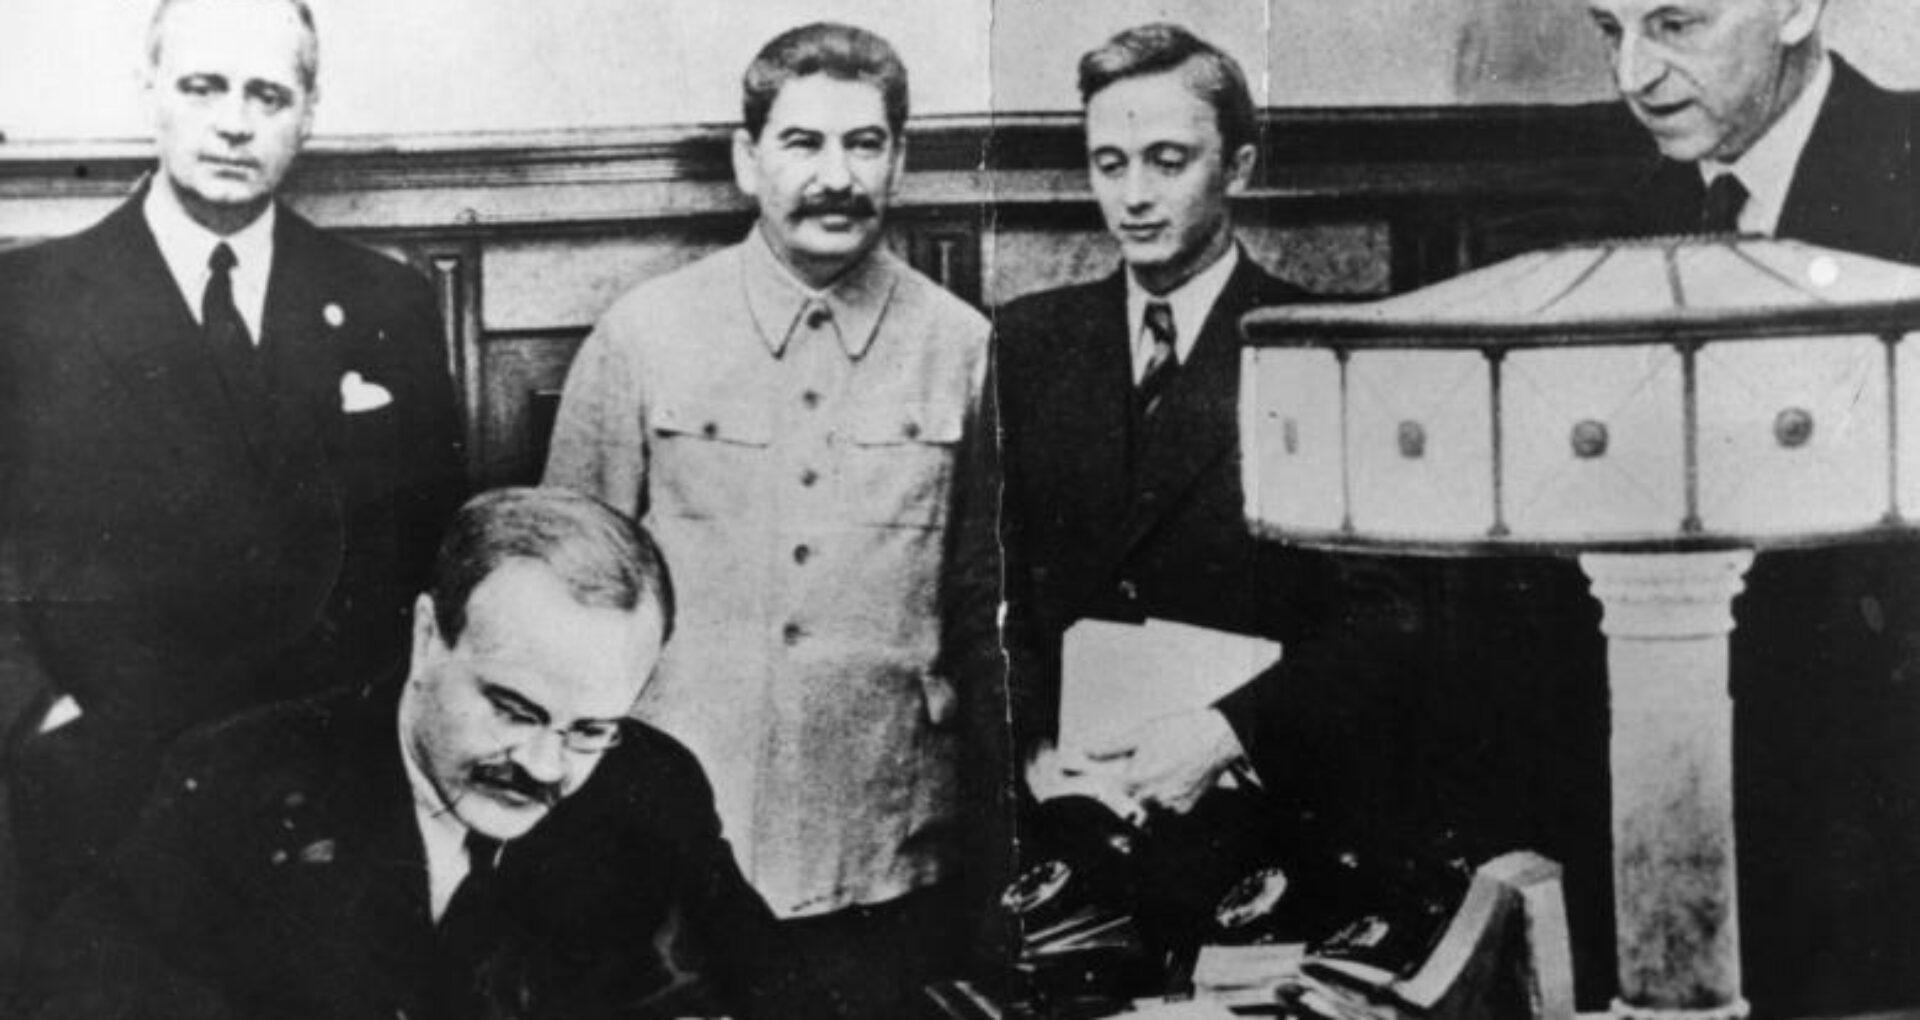 Se împlinesc 81 de ani de la semnarea Pactului Ribbentrop-Molotov